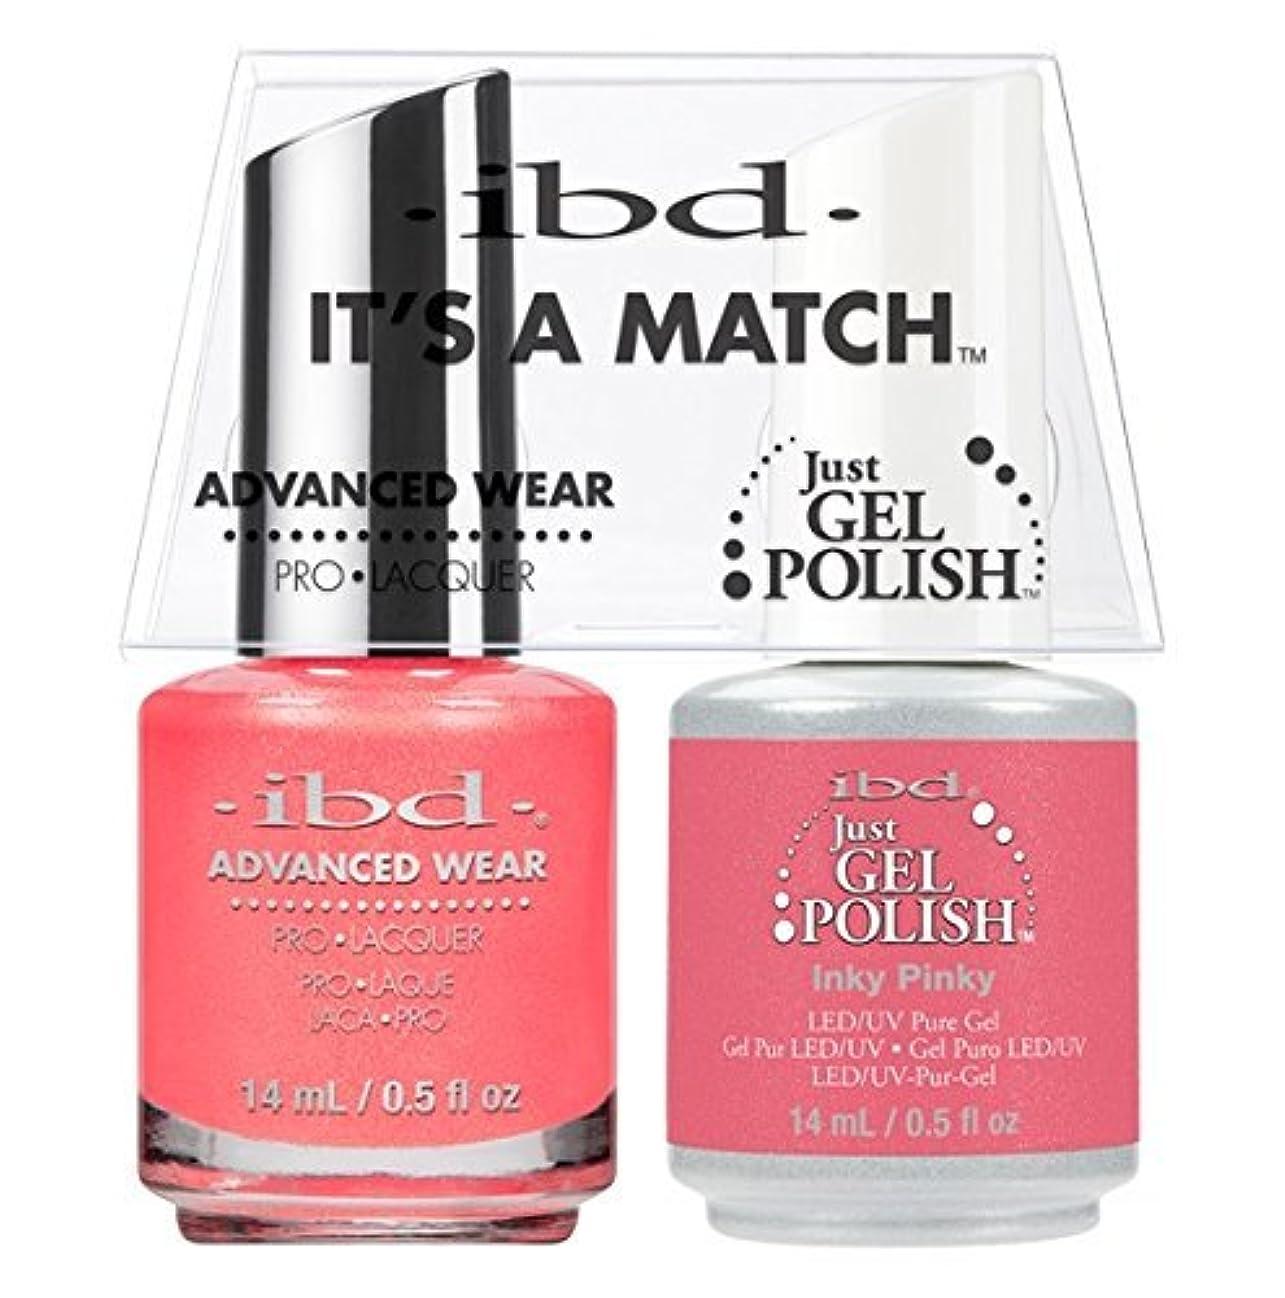 コショウ驚き愚かibd - It's A Match -Duo Pack- Inky Pinky - 14 mL / 0.5 oz Each